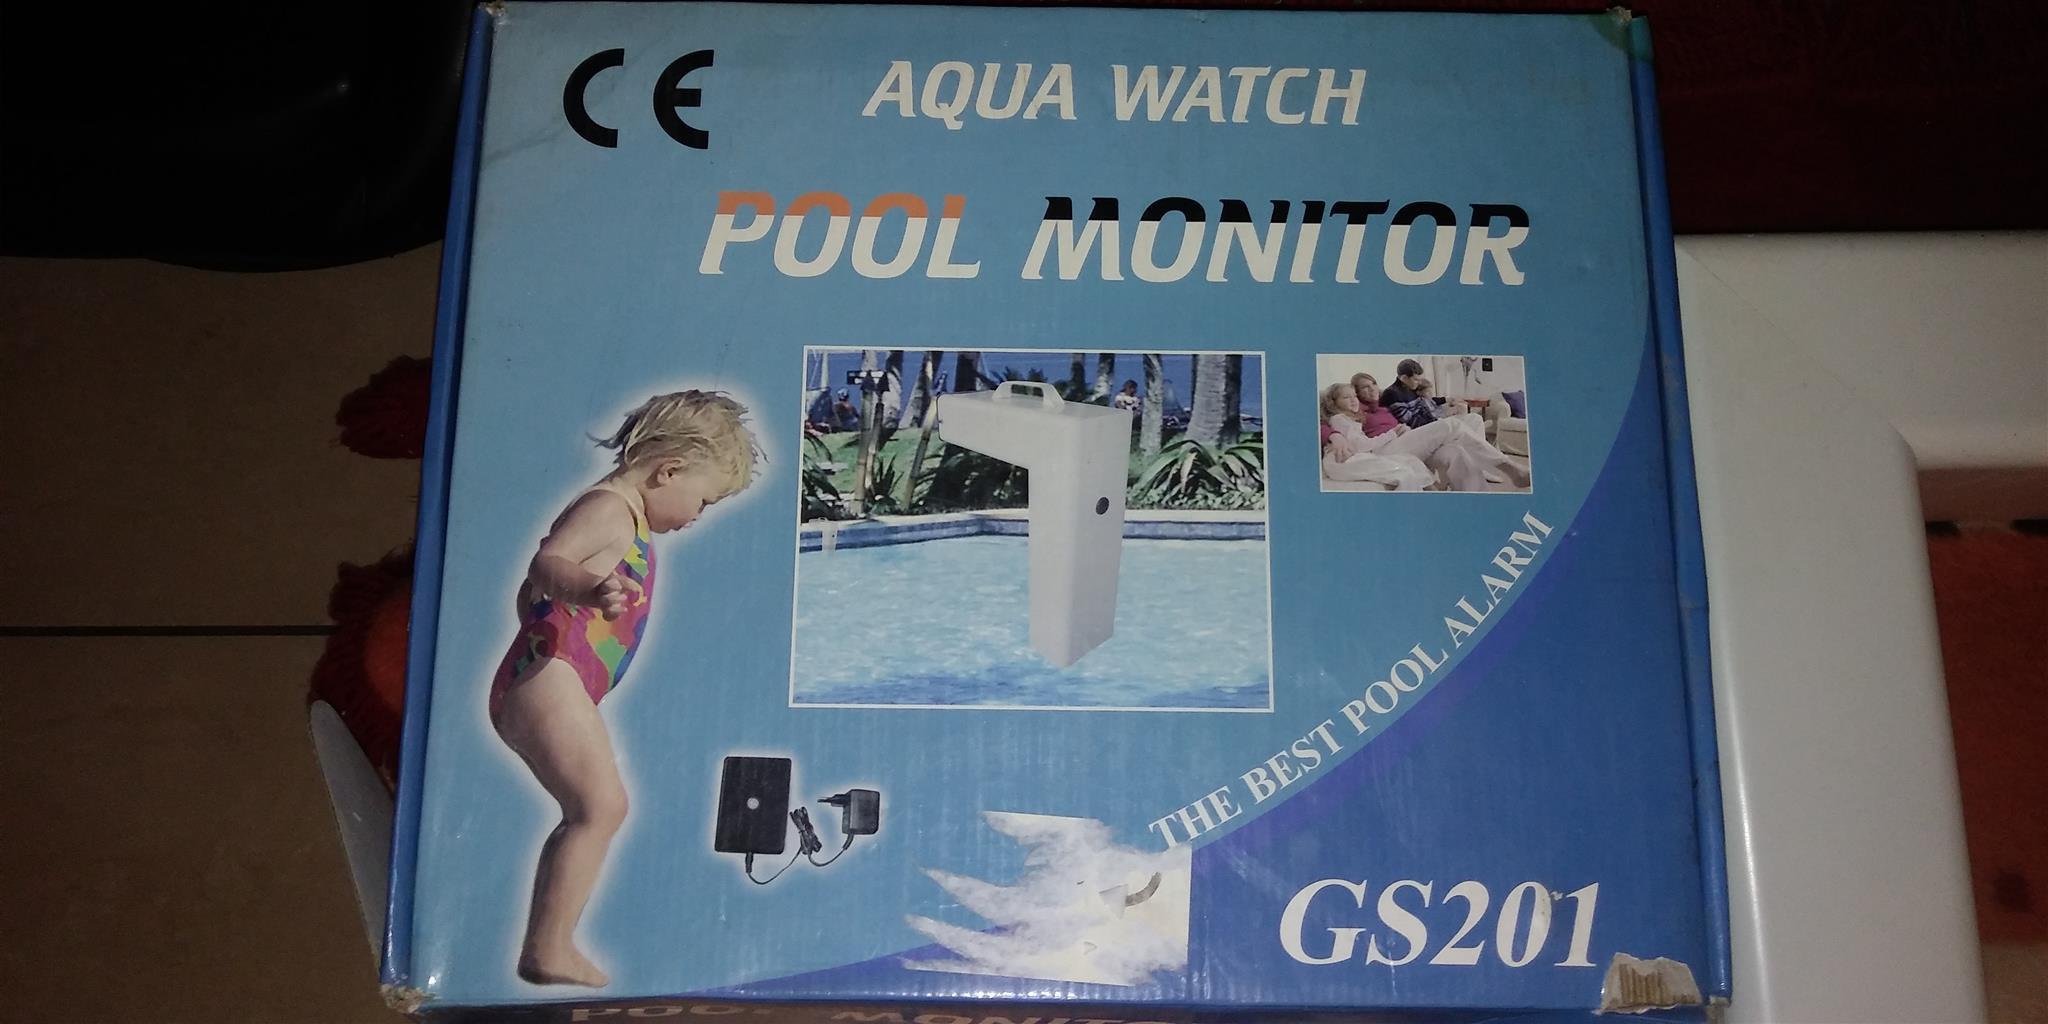 Aqua watch Pool monitor